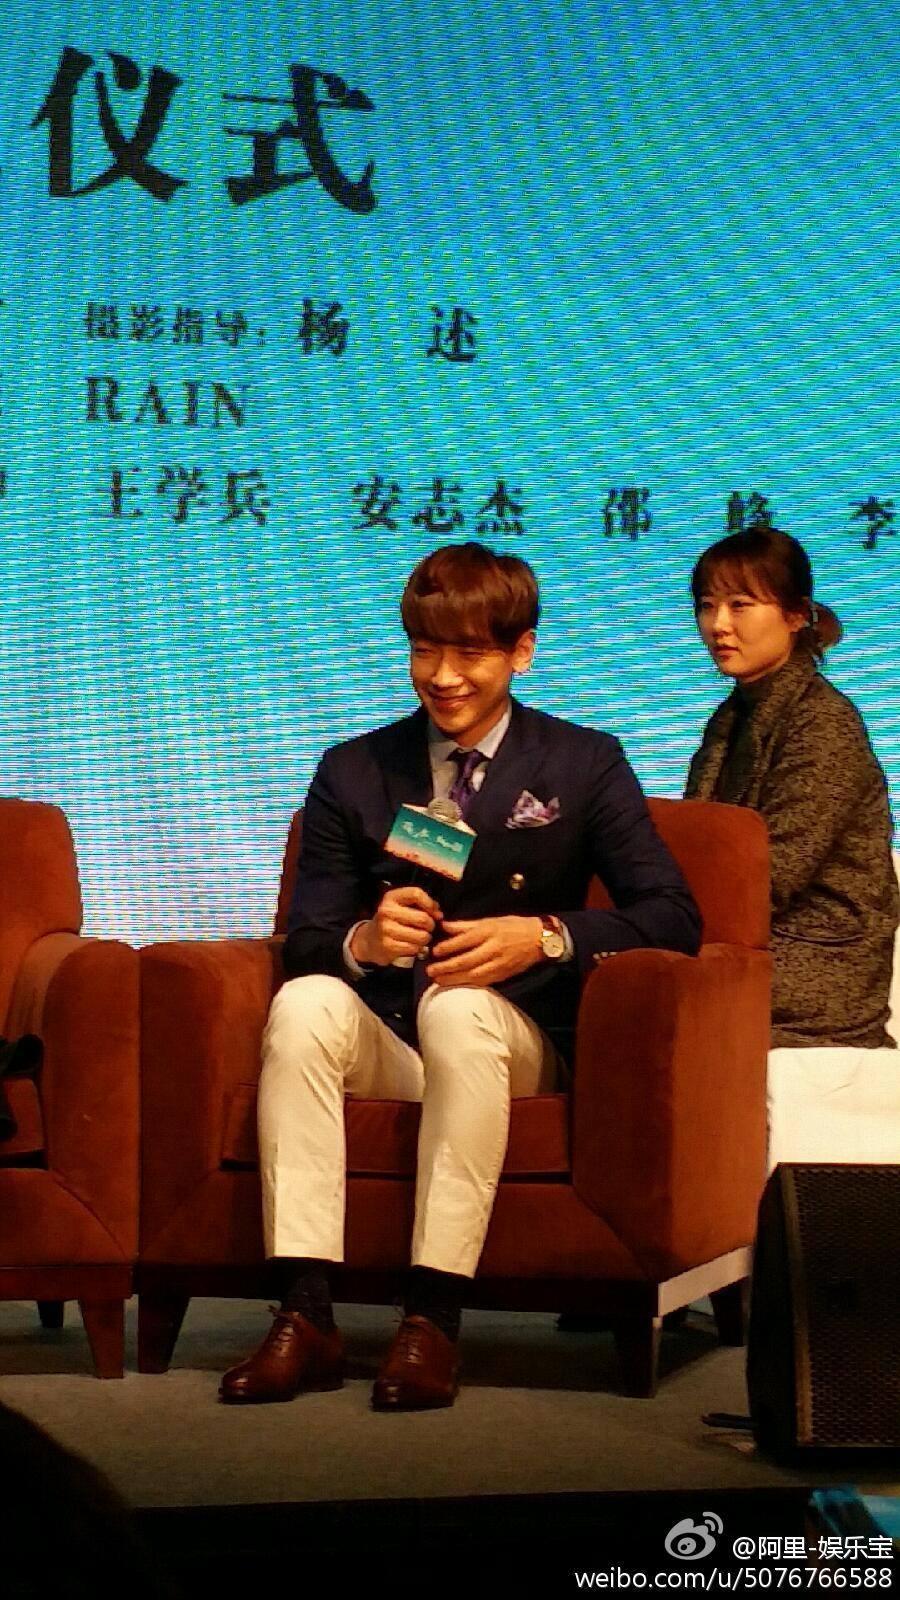 Rain 中国で「露水红颜」映画の記者会見_c0047605_18165645.jpg